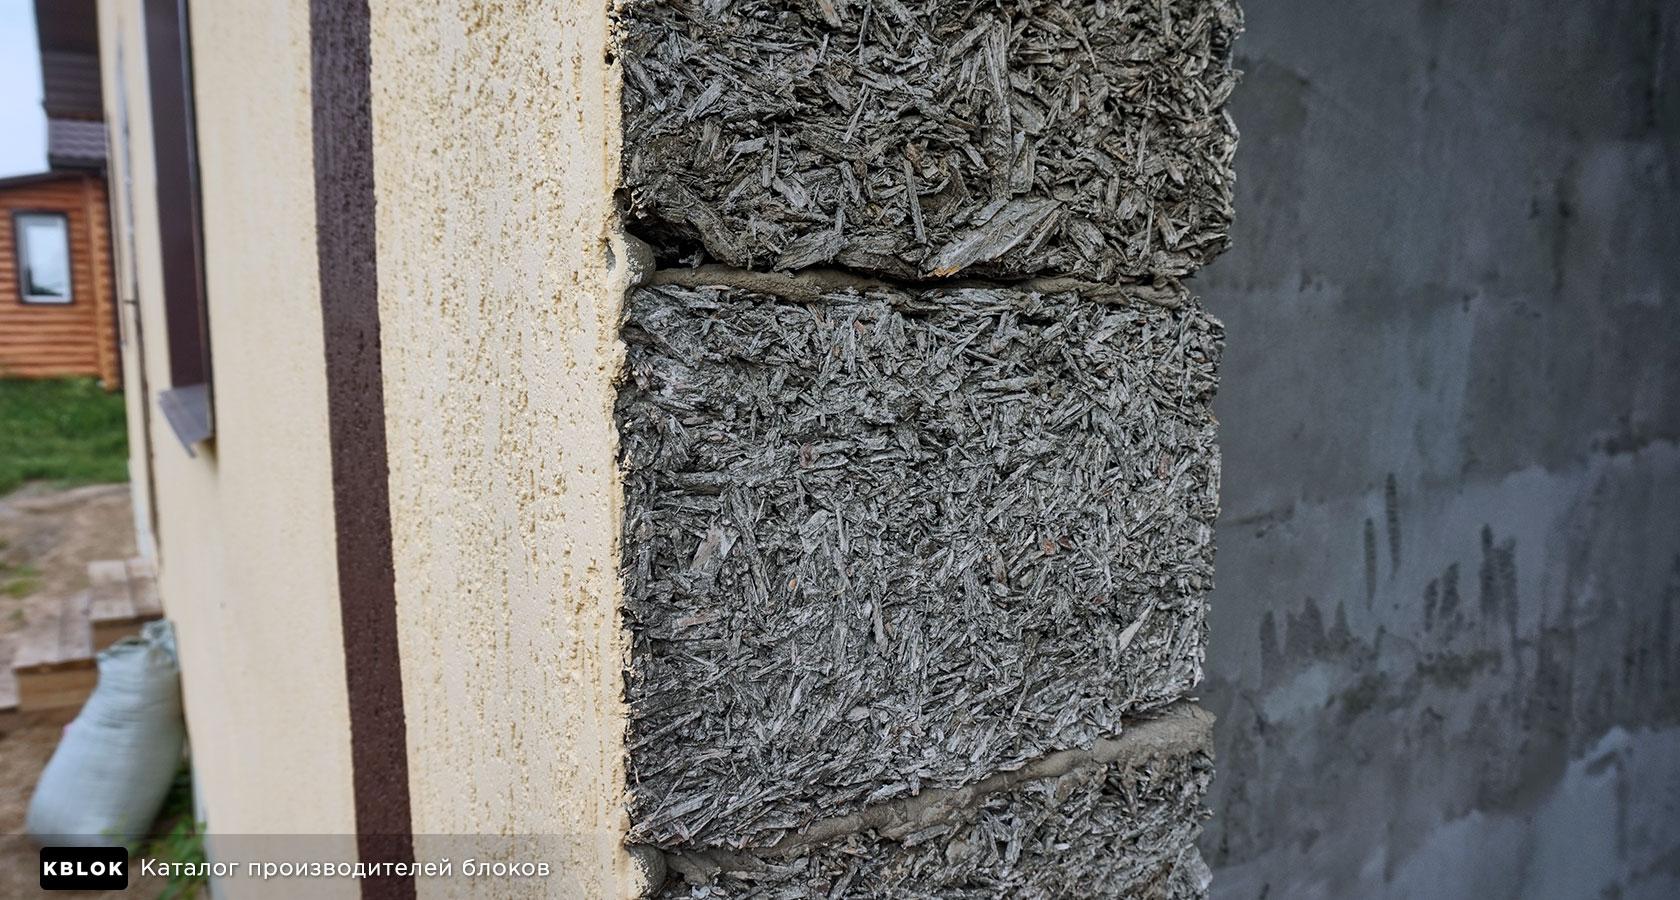 Арболитовые материалы для утепления загородных домов. как утеплить прочно и надежно дом из арболита снаружи